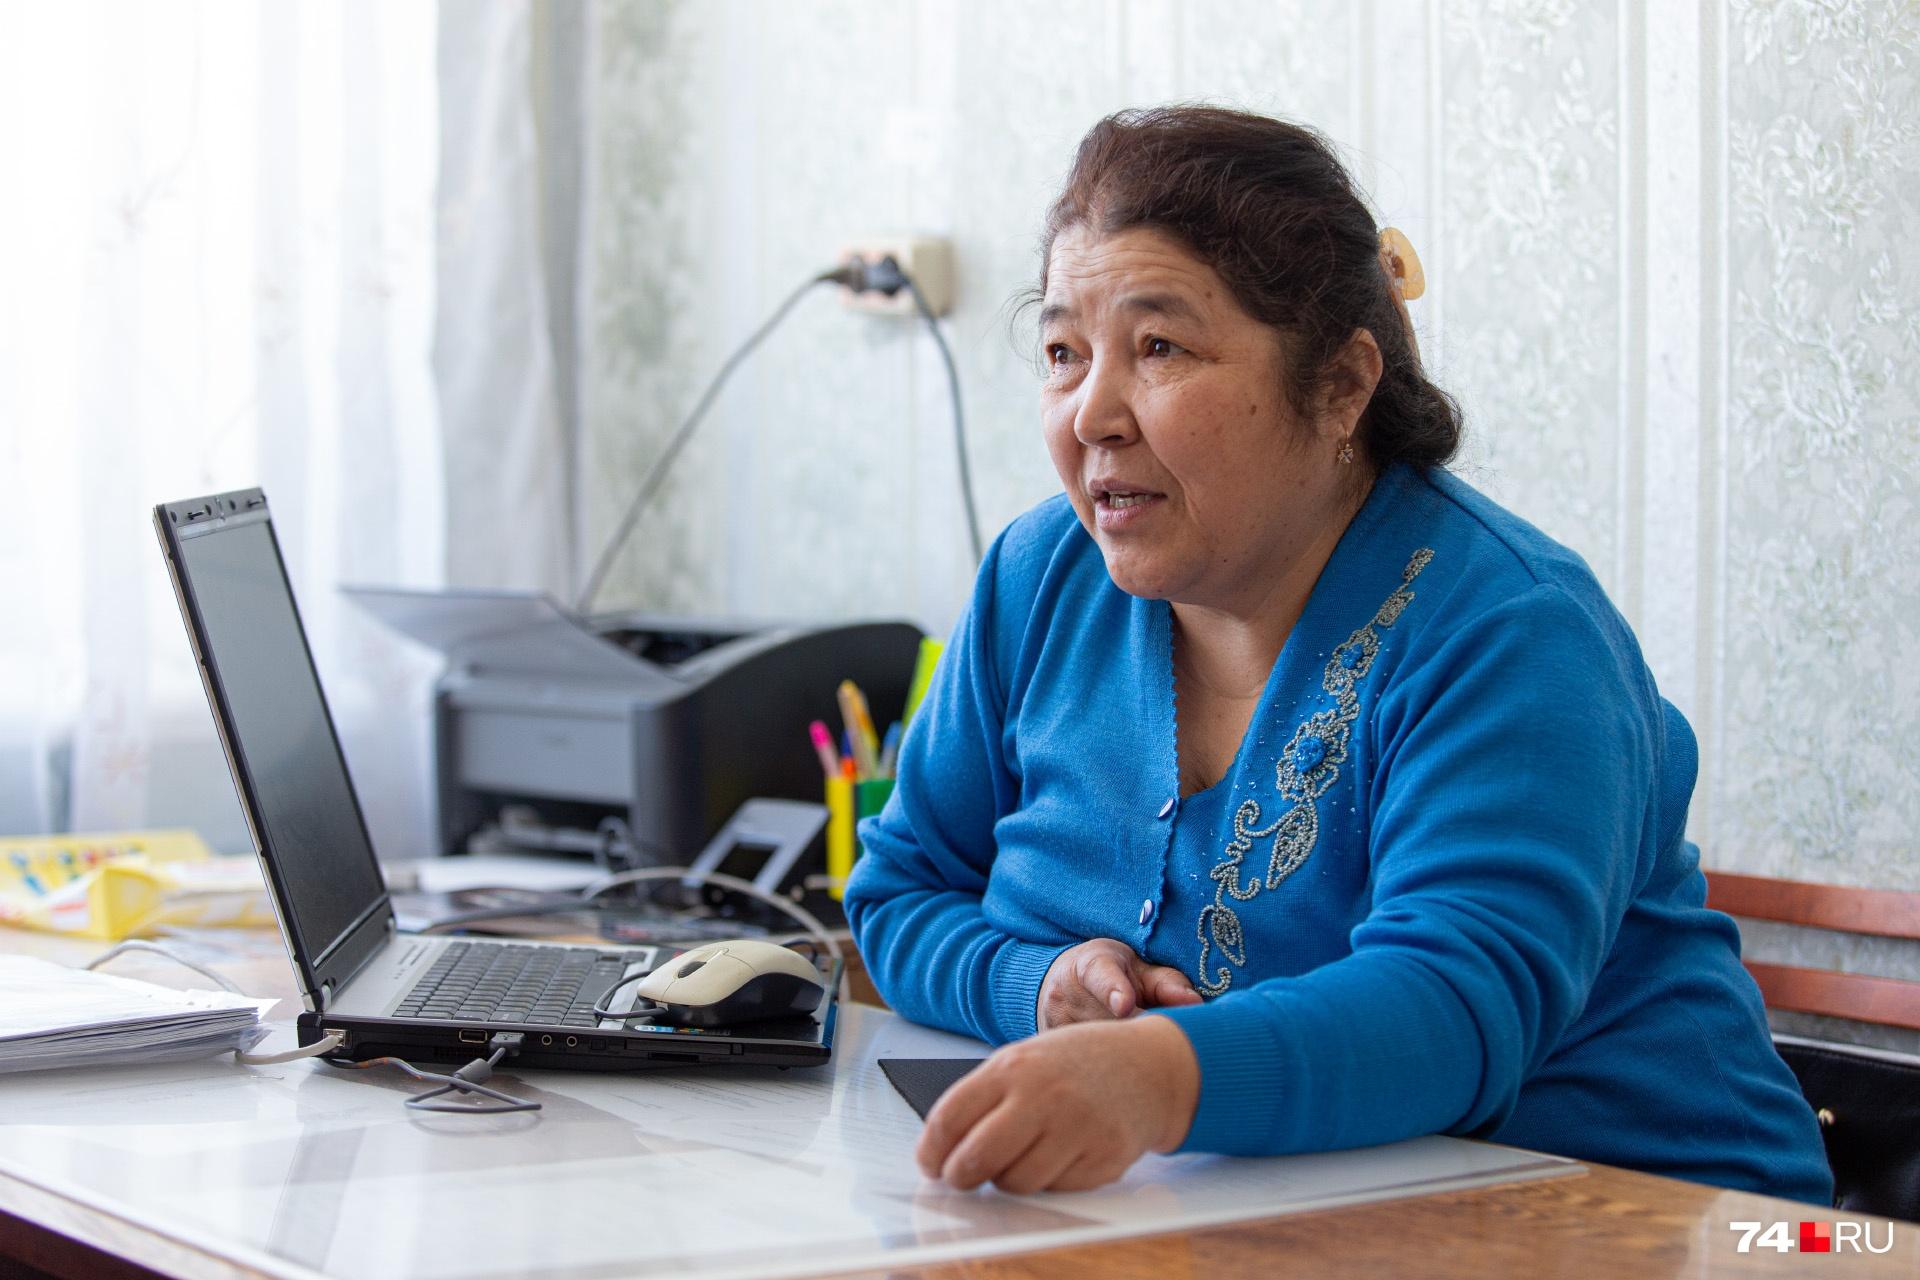 Директор школы о жалобе узнала после звонка из районного отдела образования